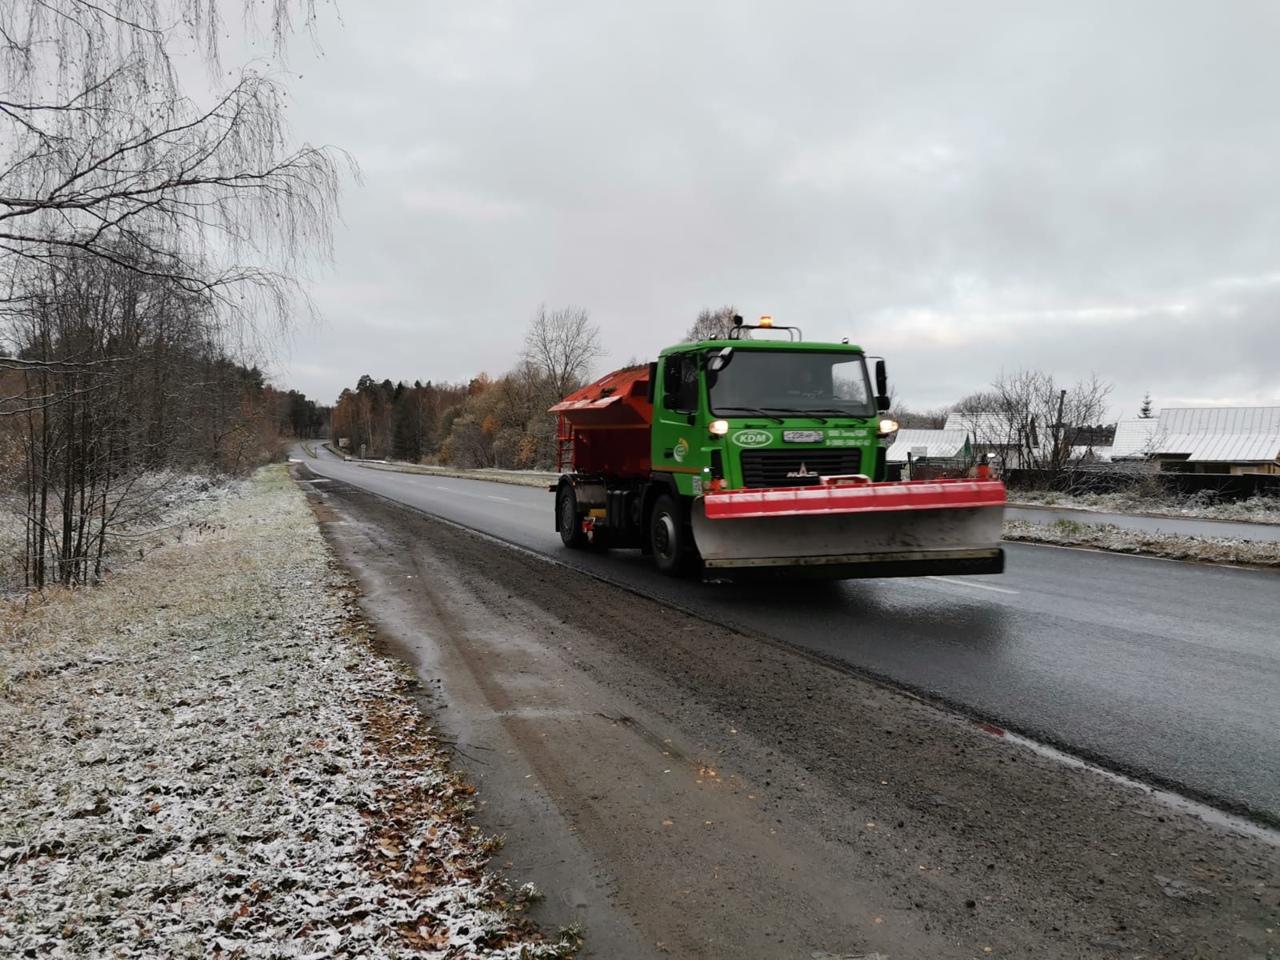 На дороги Рыбинска уже вышла снегоуборочная техника